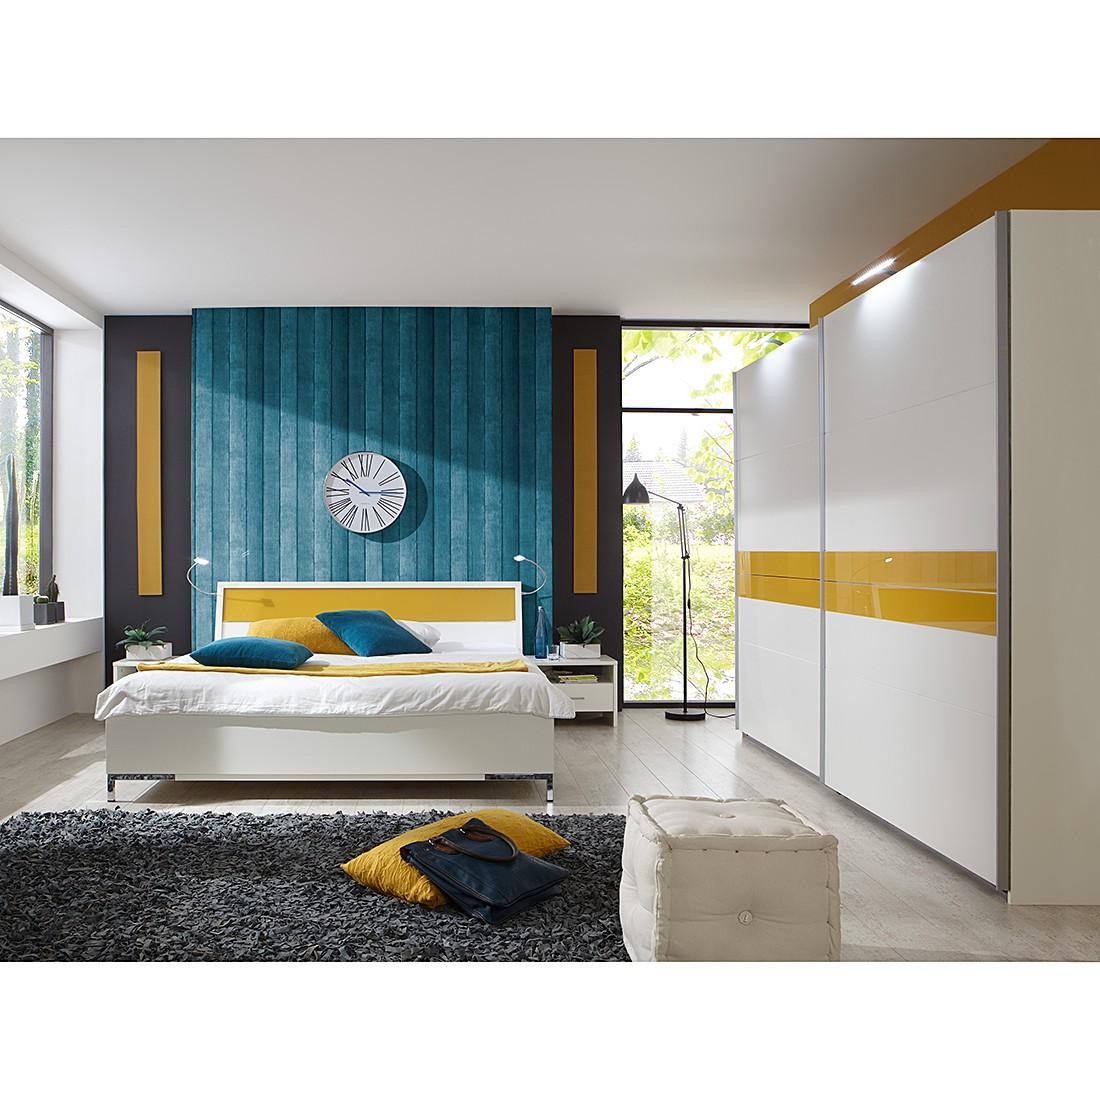 Schlafzimmerkombination Acapulco (4-teilig) – Alpinweiß/Gelb – Schrankbreite: 225 cm, Wimex online kaufen